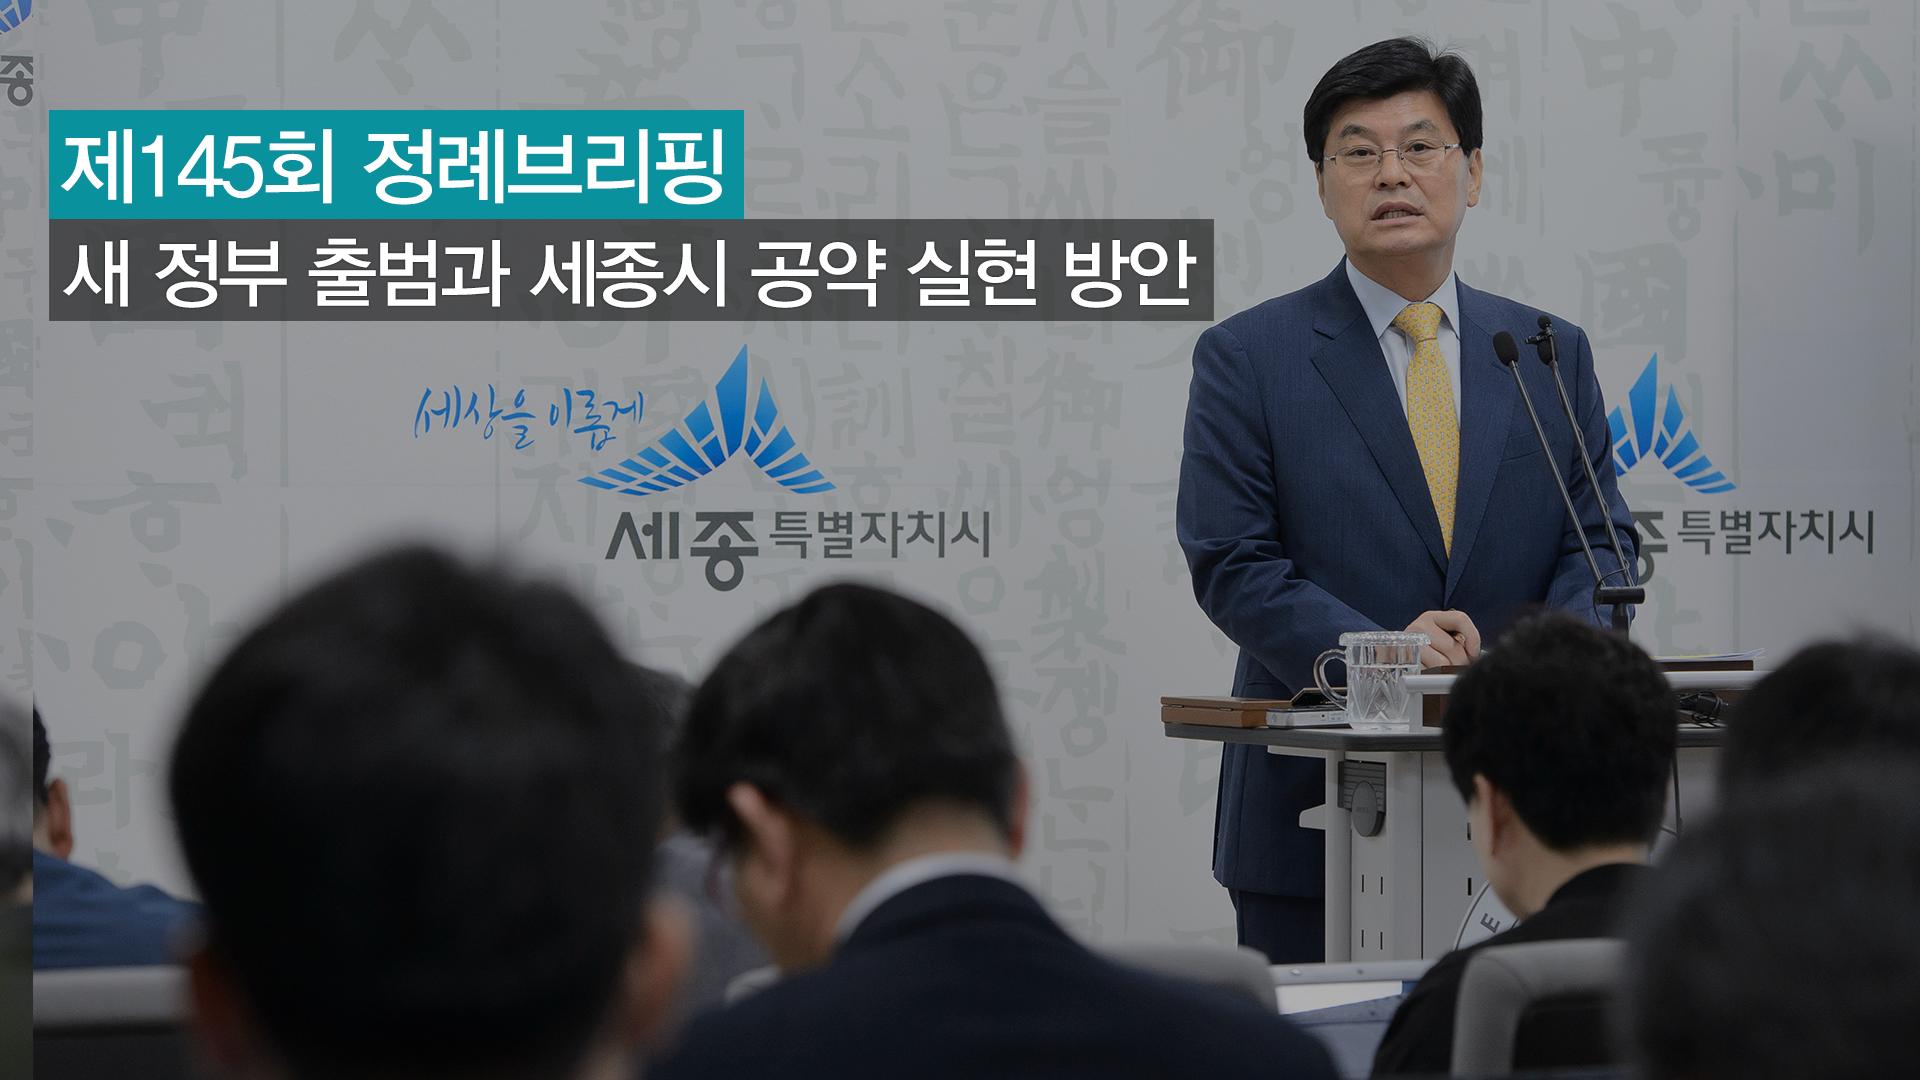 <145번째 정례브리핑> 새 정부 출범과 세종시 공약 실현 방안